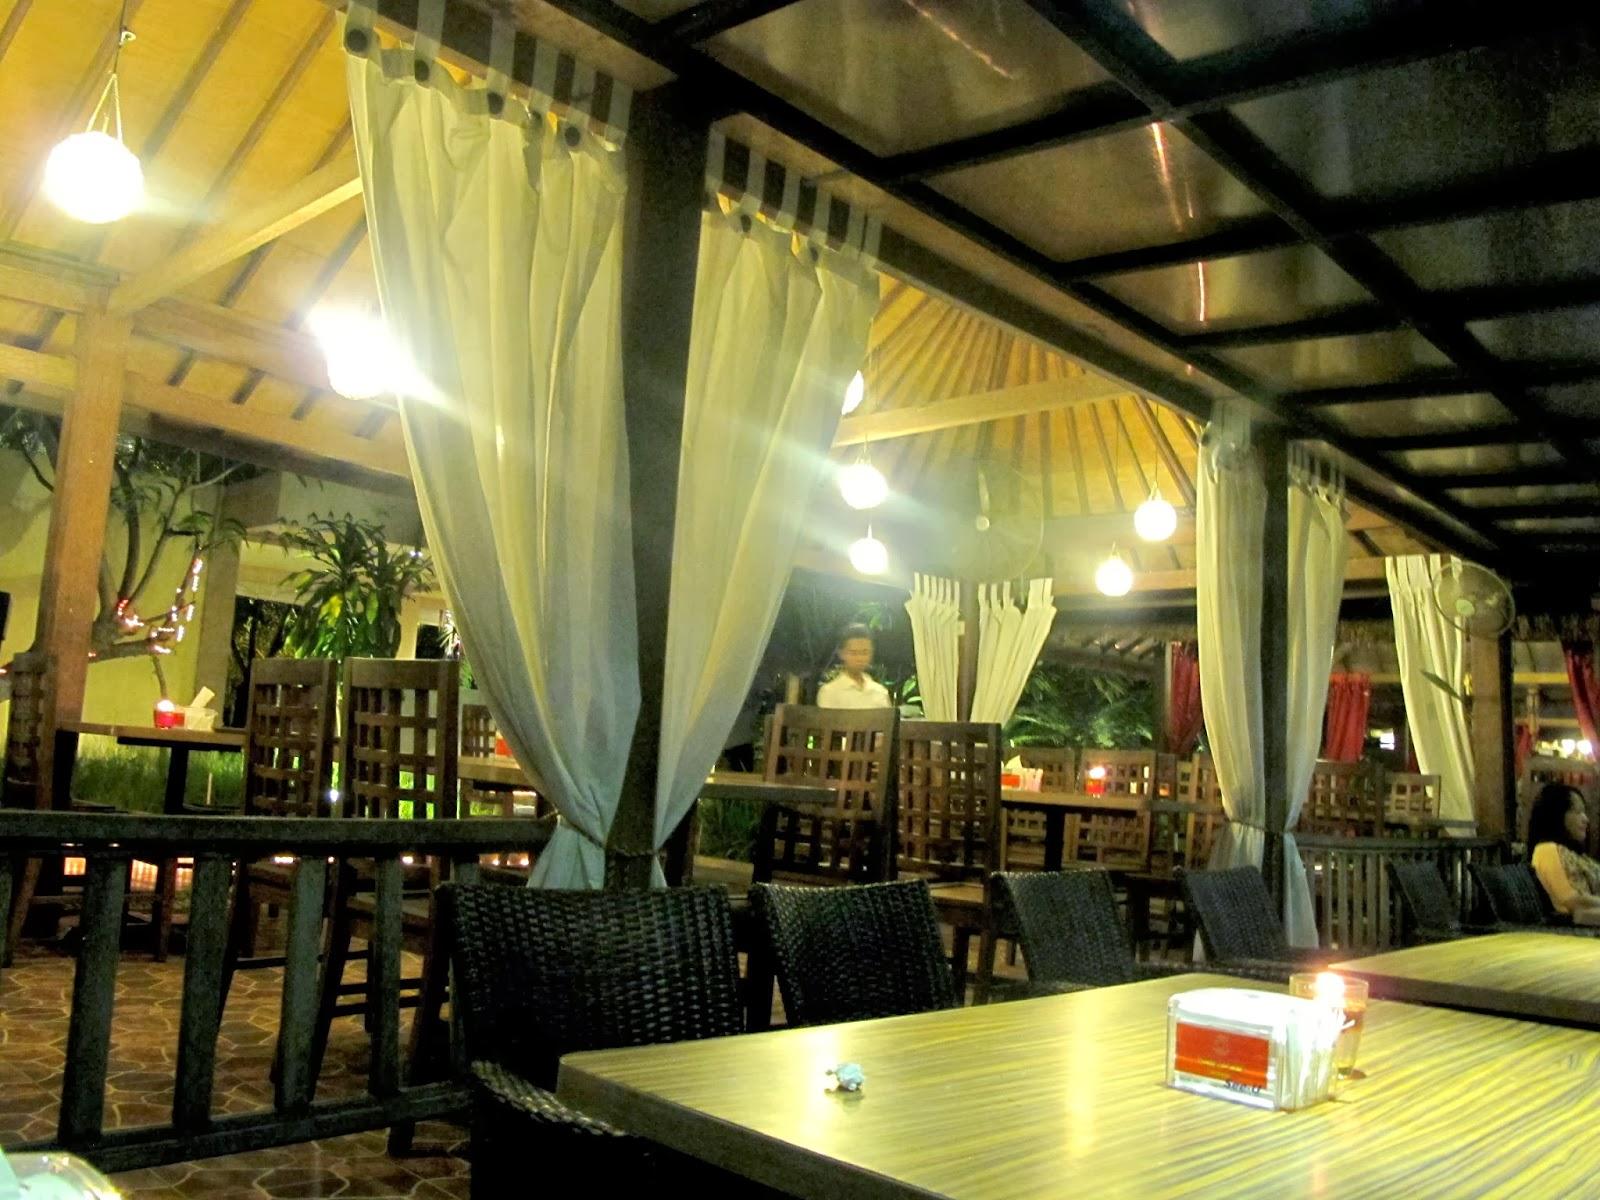 tempat makan romantis di surabaya bandar sari laut surabaya rh indah haya blogspot com rumah makan di surabaya yang murah rumah makan di surabaya yang enak